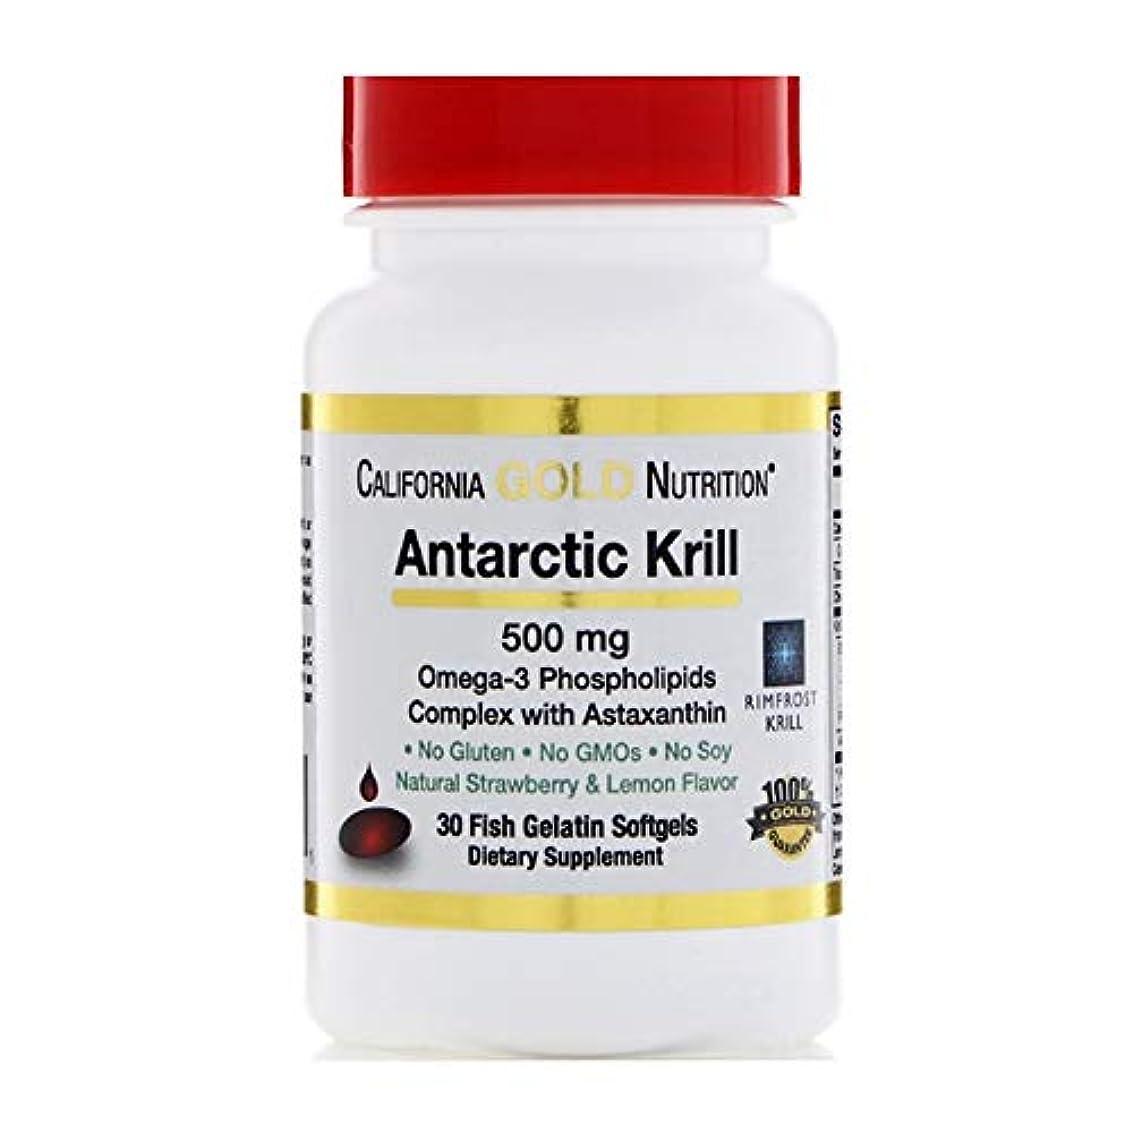 闘争モザイクマンモスCalifornia Gold Nutrition Antarctic Krill Oil アスタキサンチン配合 RIMFROST 天然イチゴ レモン味 500 mg フィッシュゼラチンソフトジェル 30粒 【アメリカ直送】